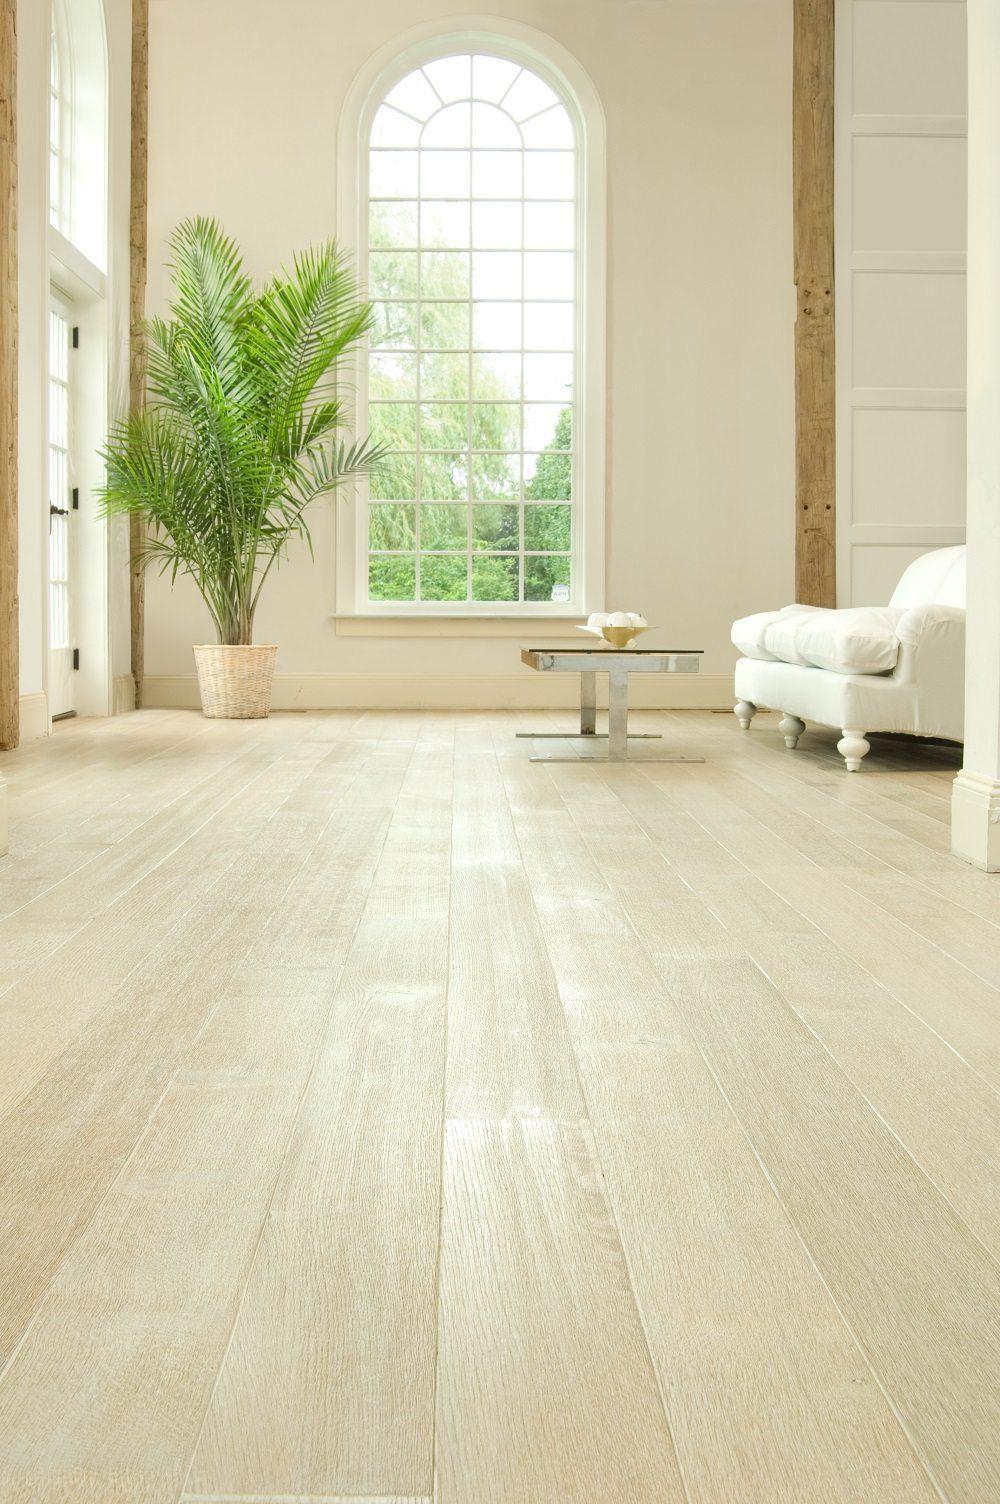 Carlisle Wood Floors On Modenus Top Ten List